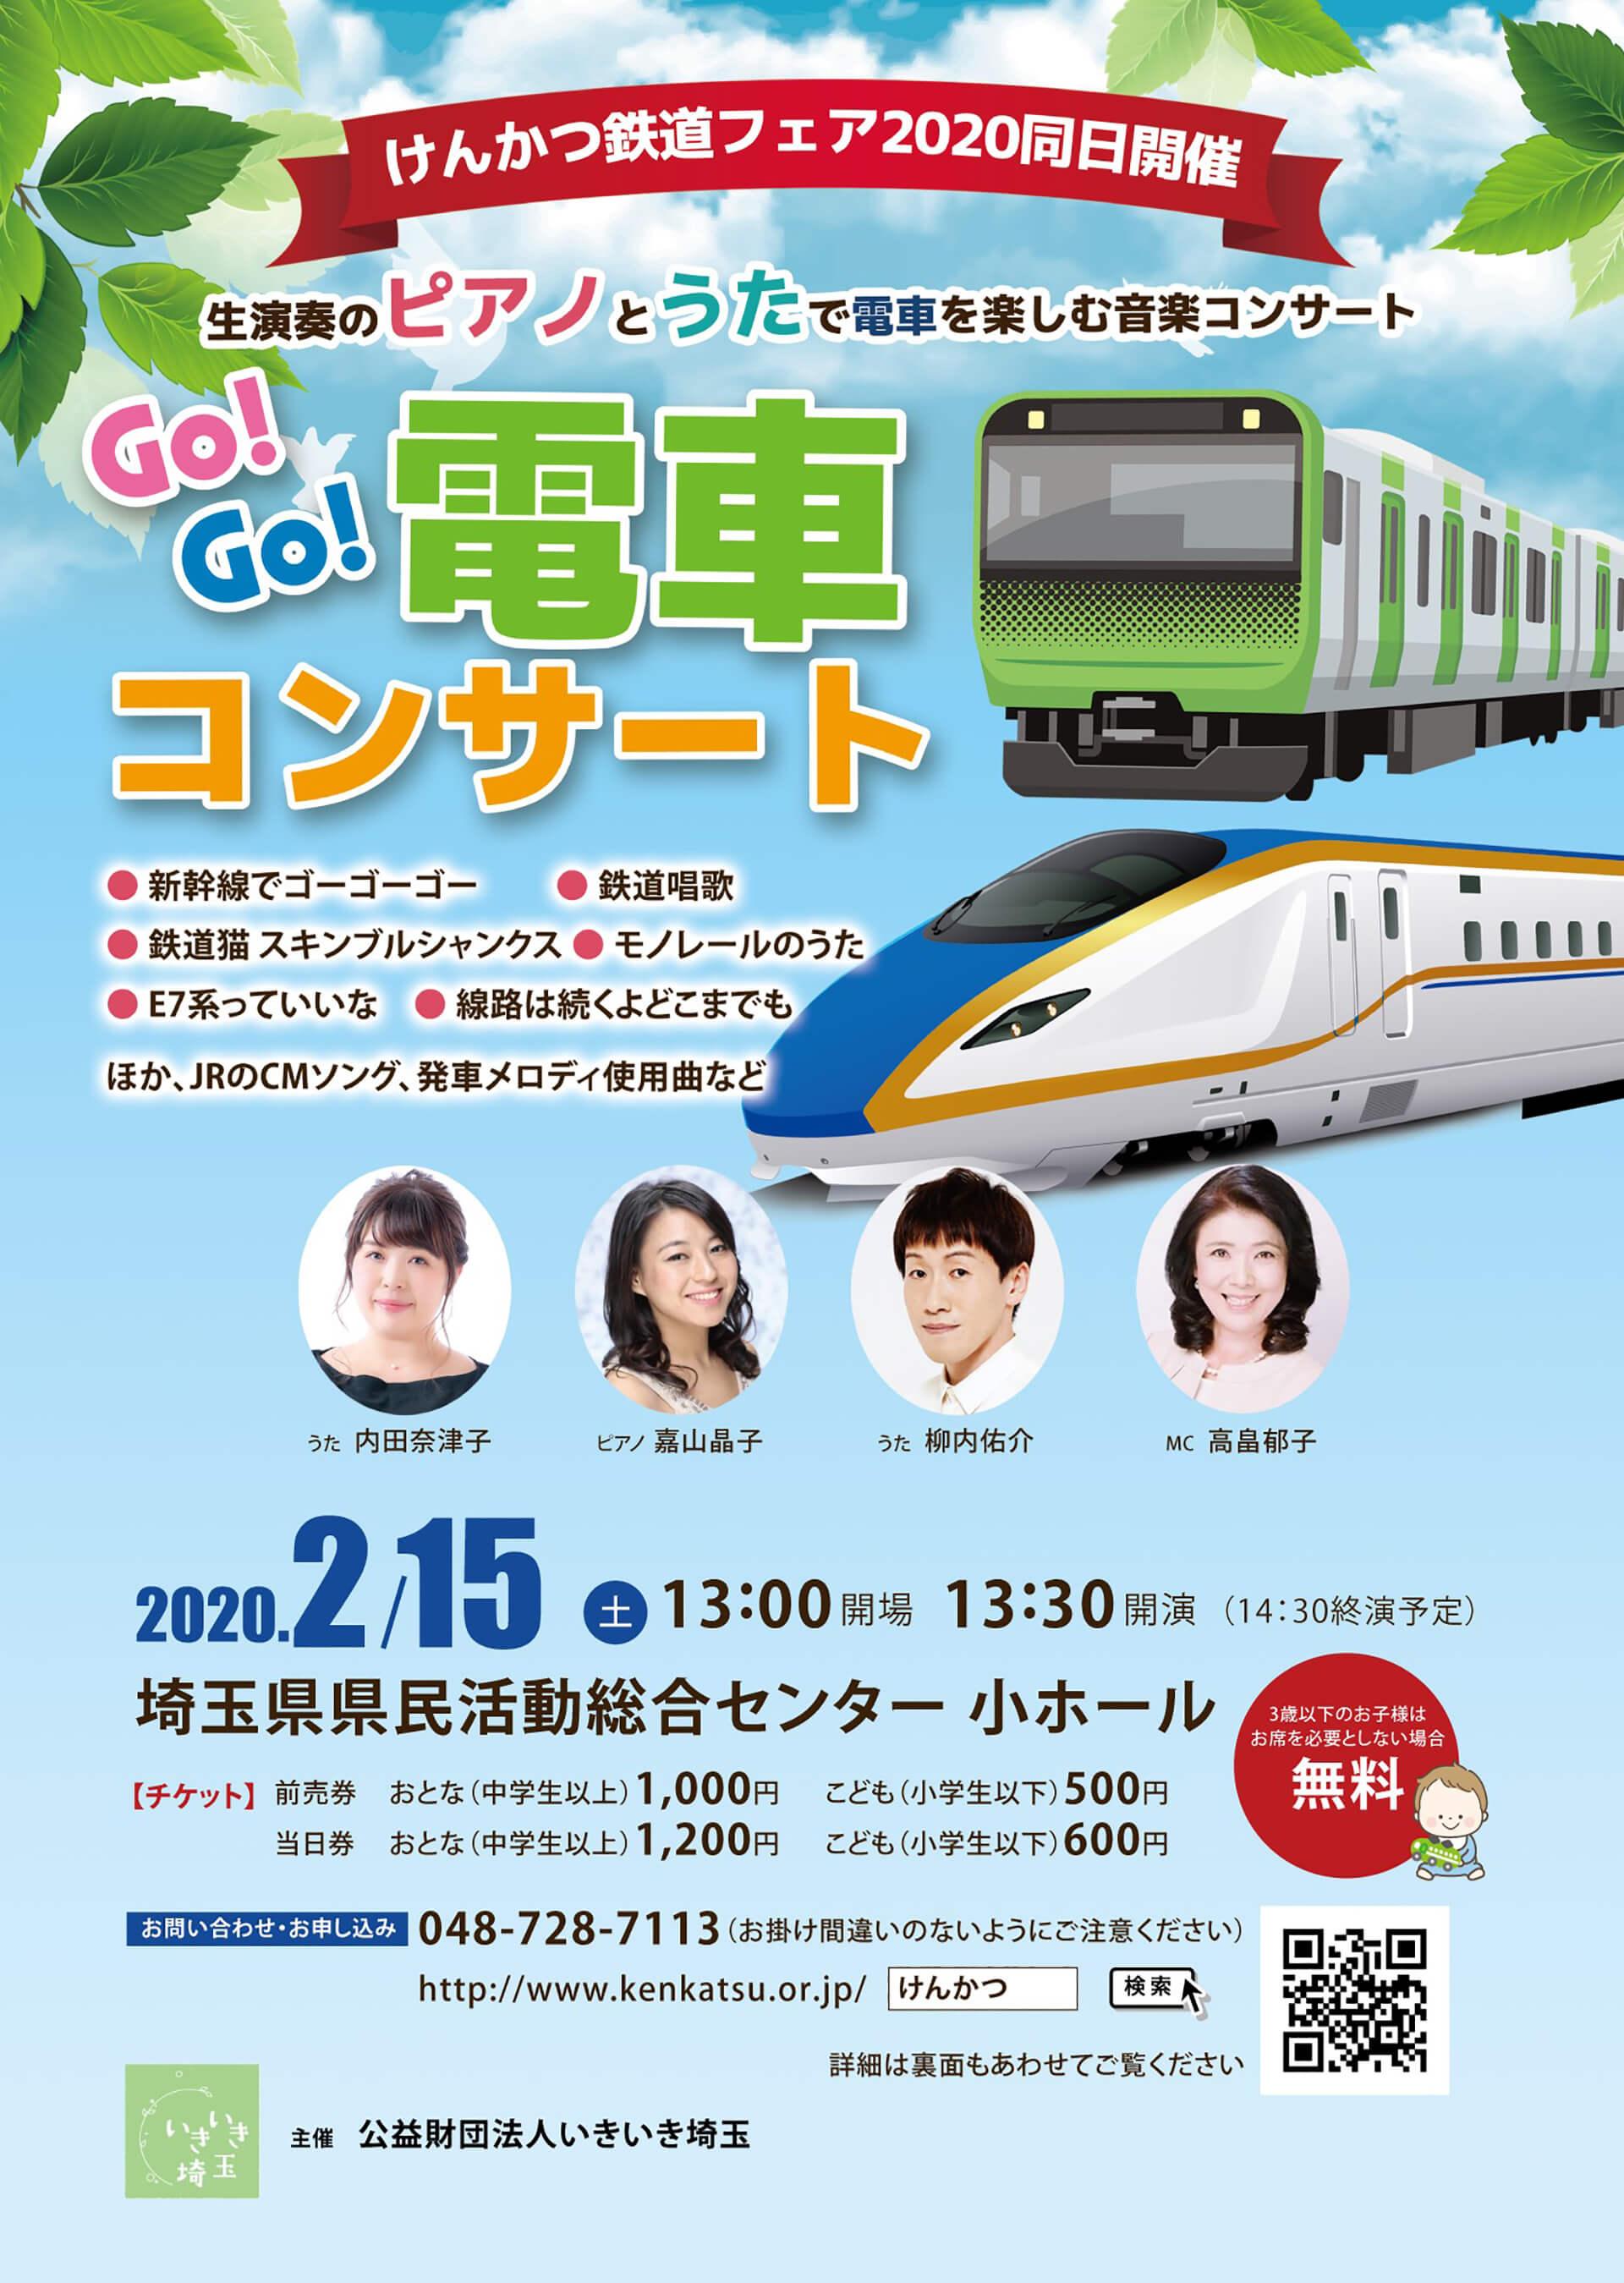 けんかつ鉄道フェア2020・Go!Go!電車コンサート